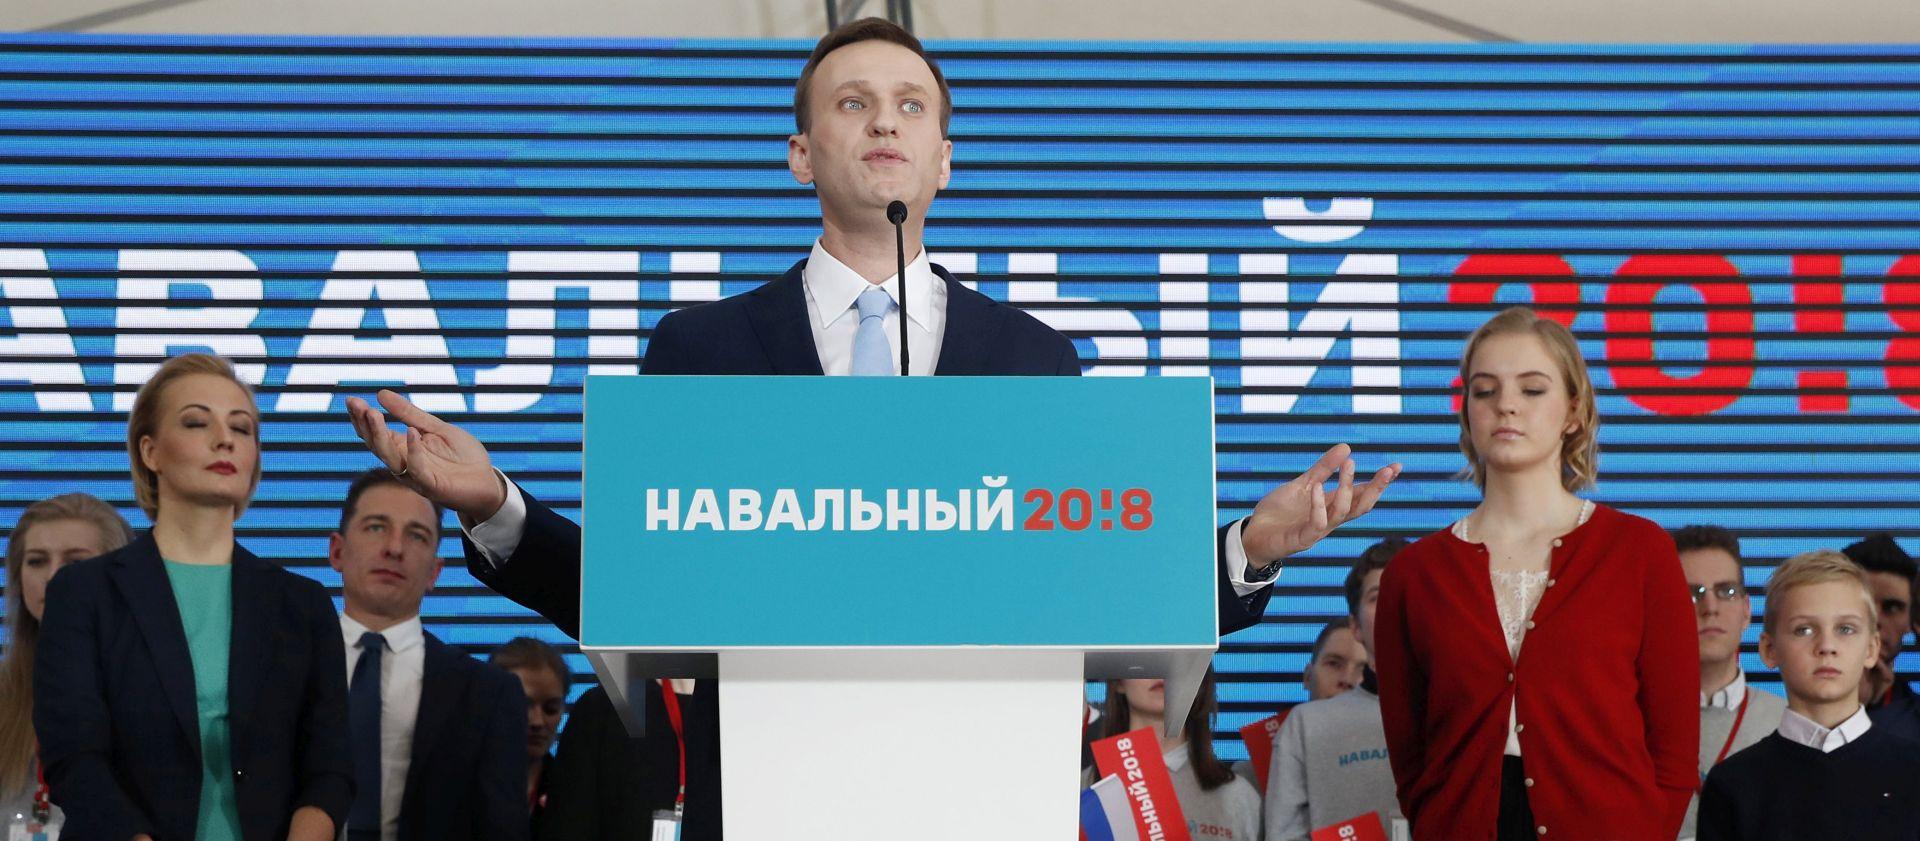 NE ODUSTAJE Navaljni želi biti predsjednik Rusije